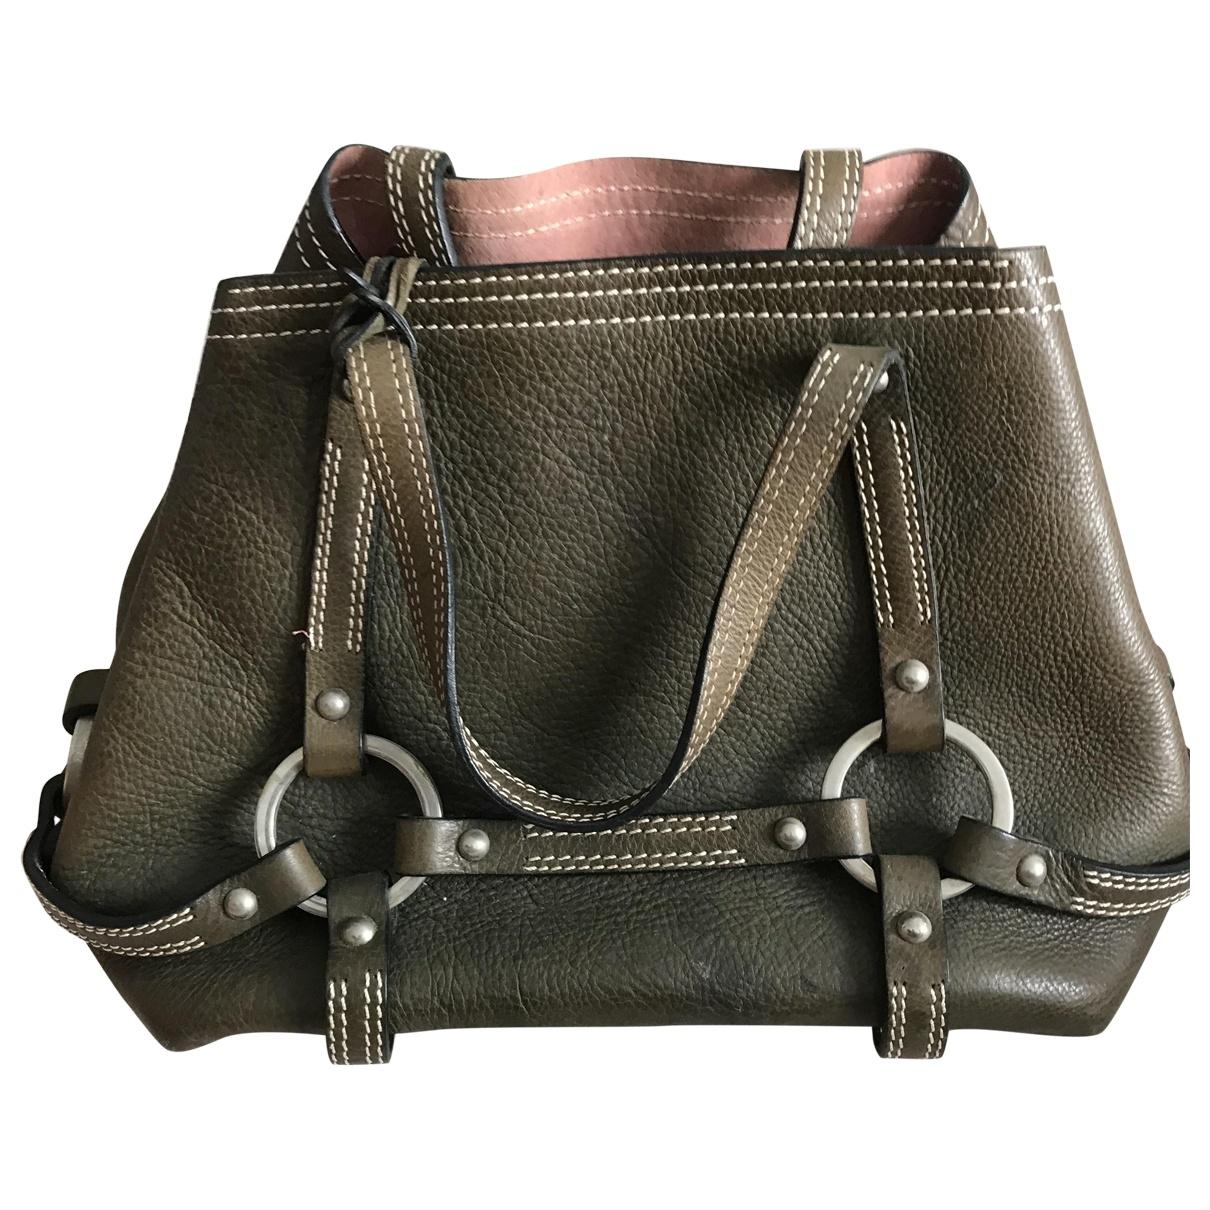 Luella \N Leather handbag for Women \N